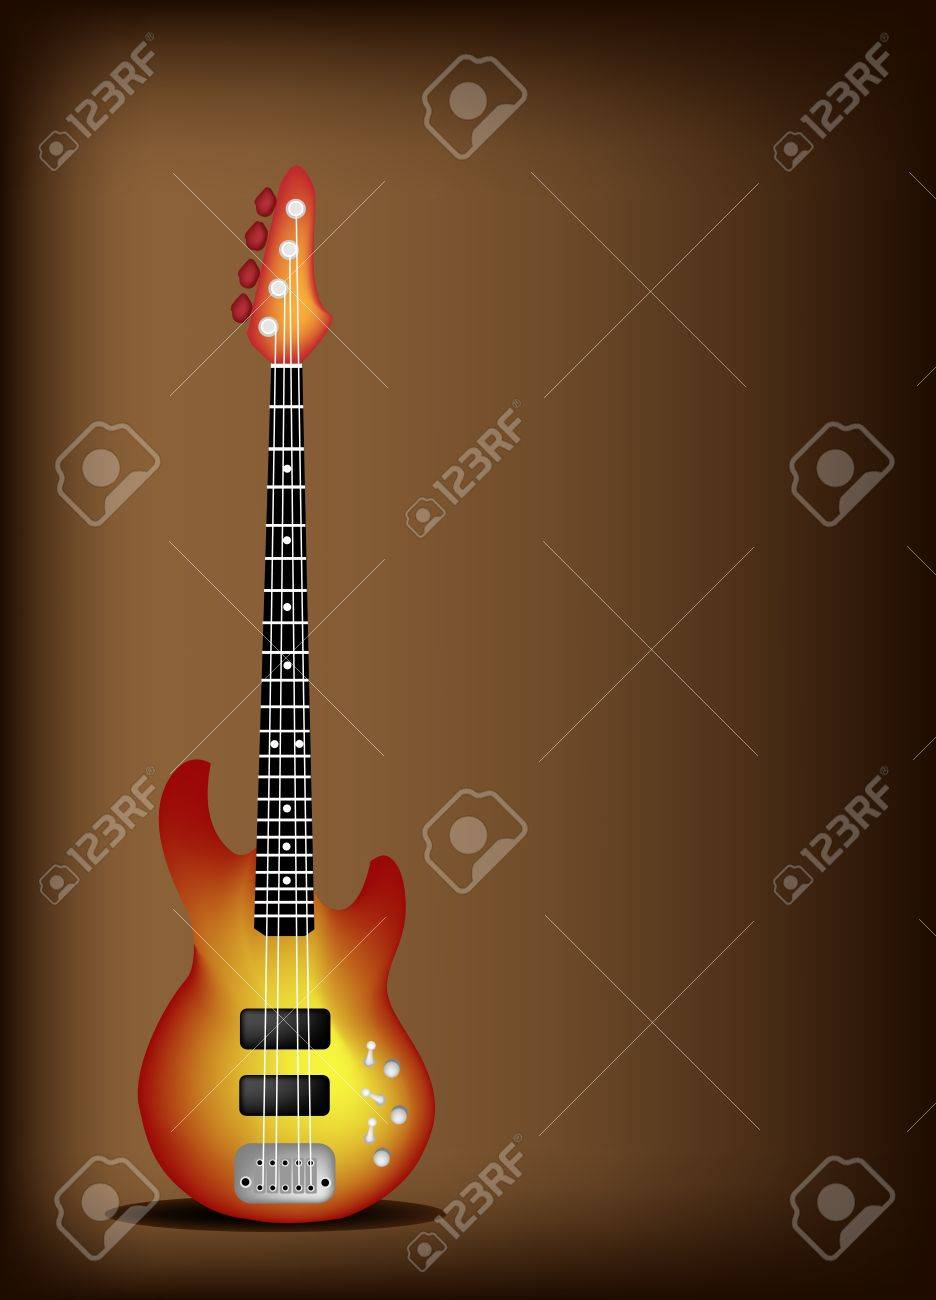 Instrumento De Música Una Ilustración De La Guitarra Eléctrica Roja De Brown Vintage Hermoso Fondo Oscuro Con Copia Espacio Para El Texto Decorado